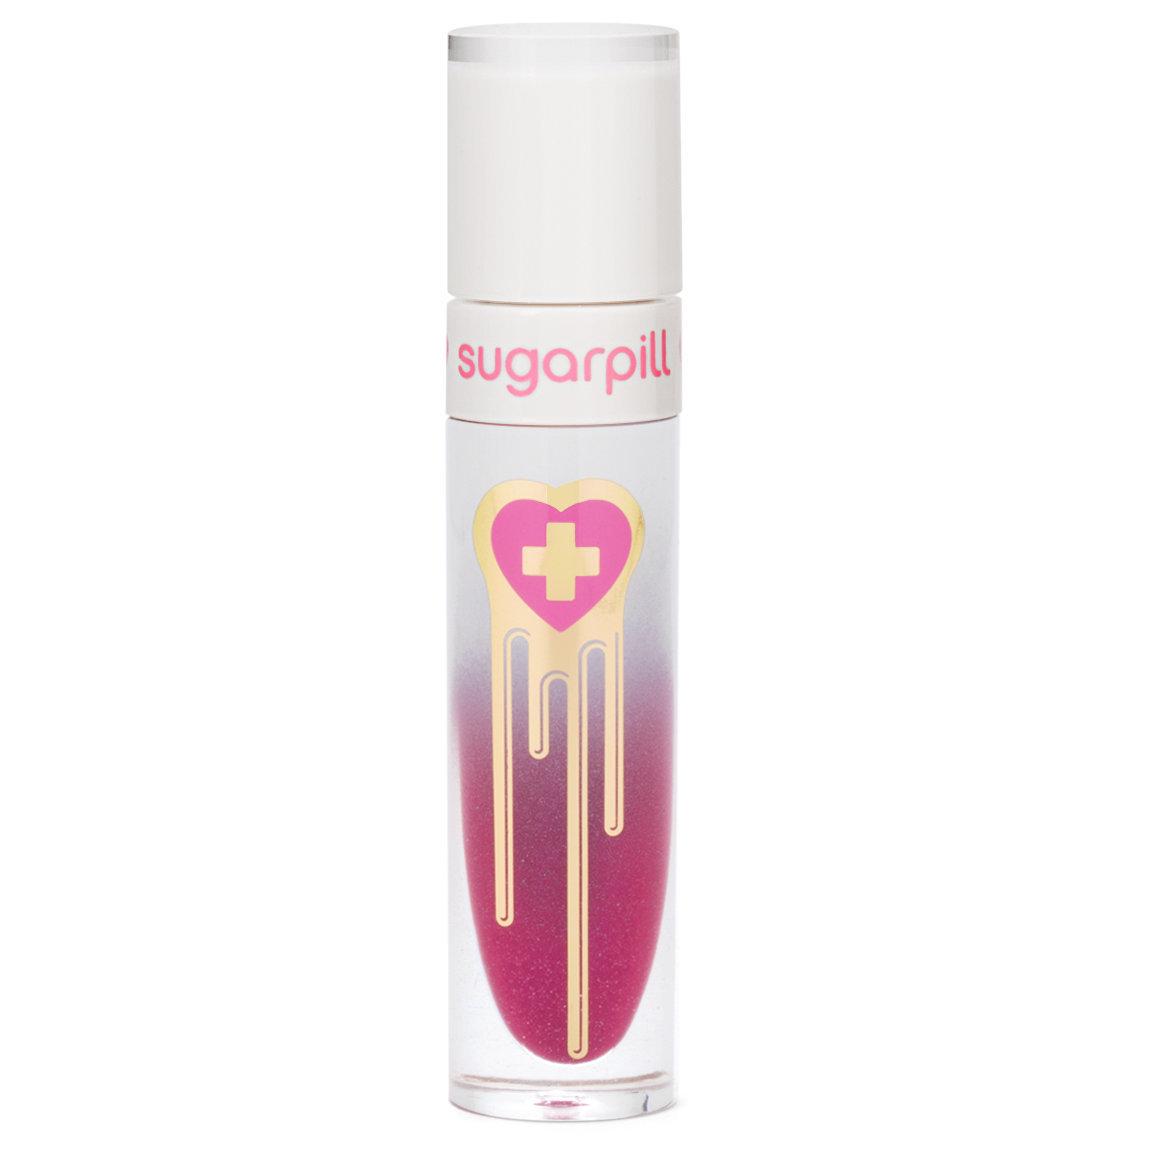 Sugarpill Cosmetics Liquid Lip Color Hijinx